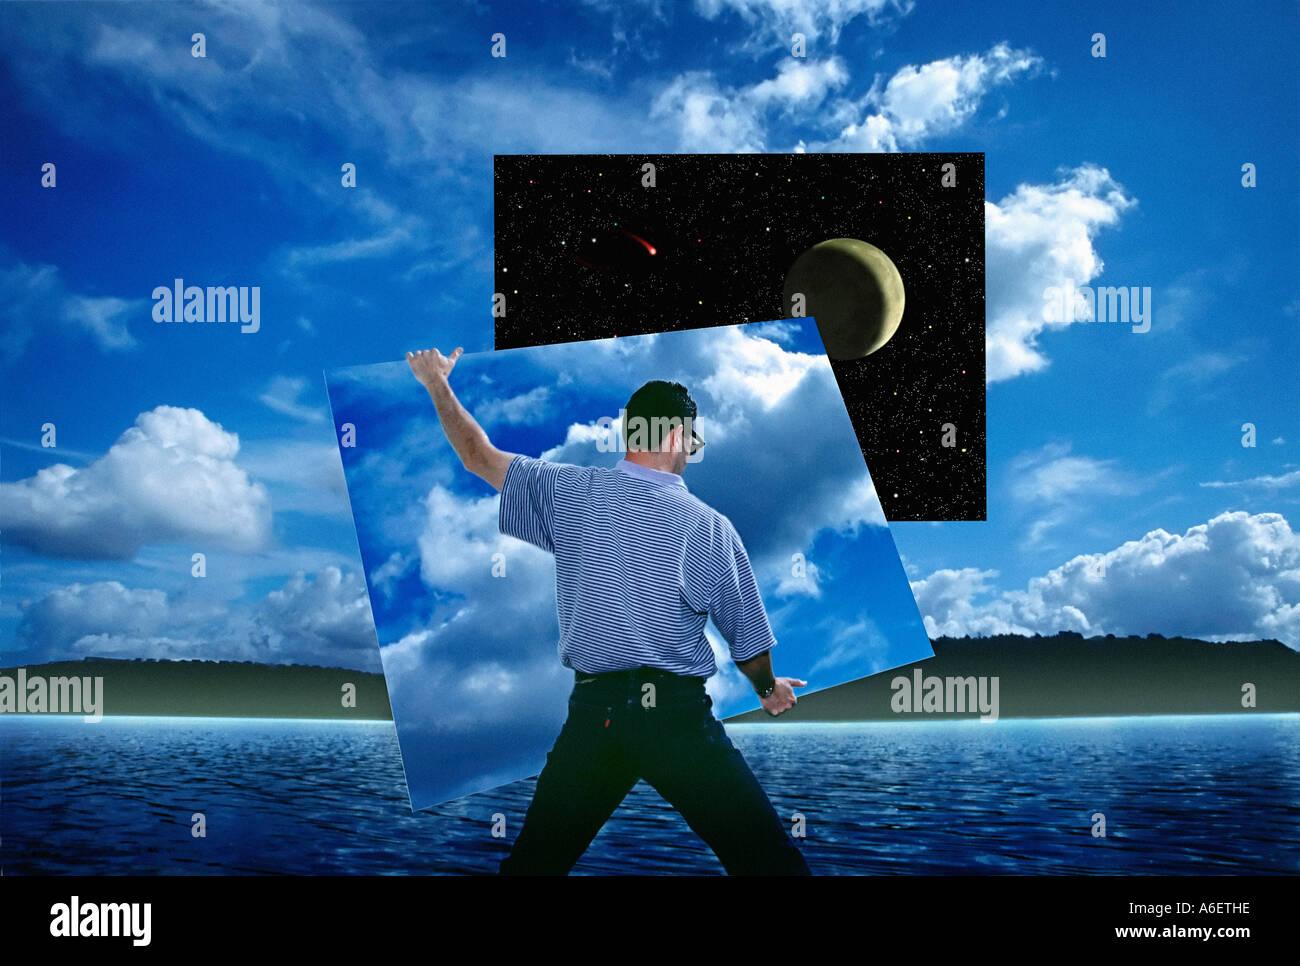 Digitale fotografische Illustration zeigt Person entfernen-Abschnitt der Taghimmel um den Nachthimmel zu offenbaren Stockbild